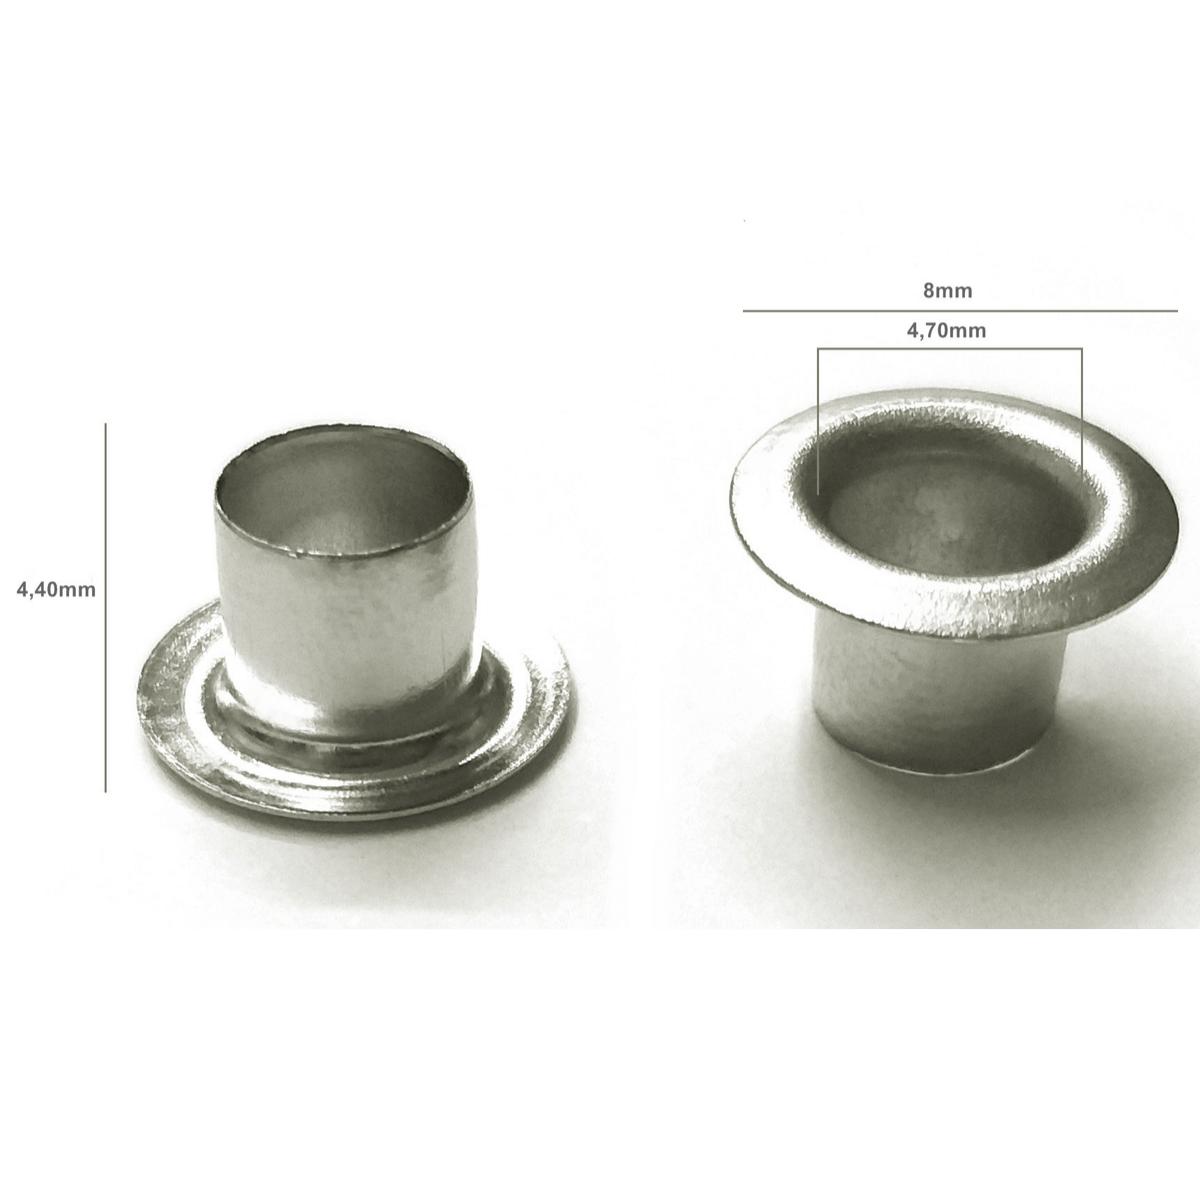 Kit Ilhós Alumínio Colorido Nº 54 8mm de diâmetro externo